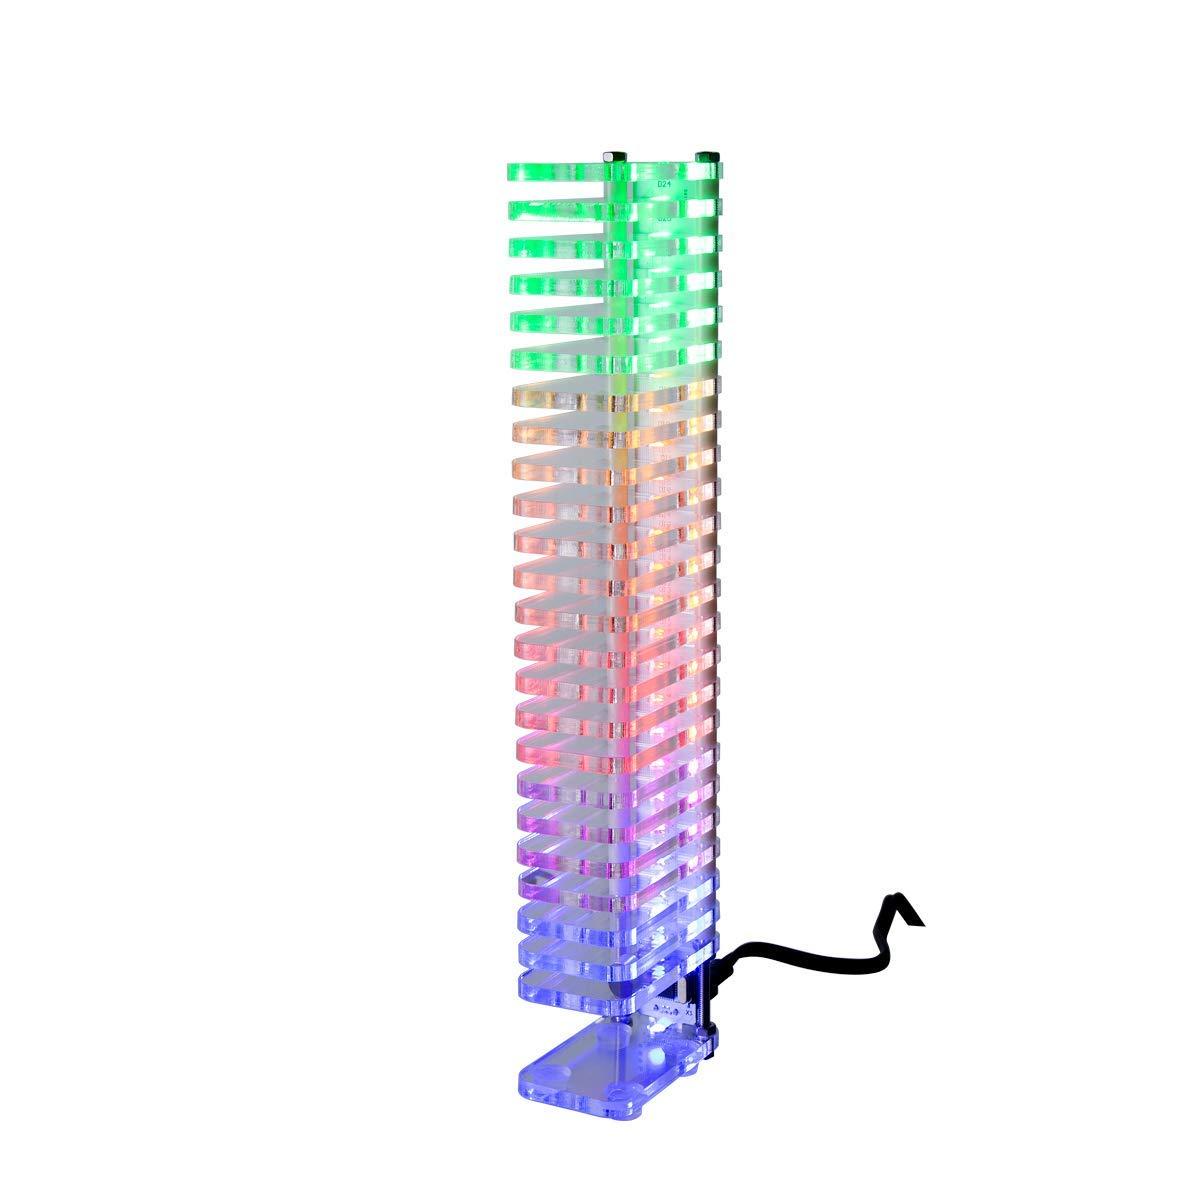 Cheap Sound Spectrum Analyzer, find Sound Spectrum Analyzer deals on